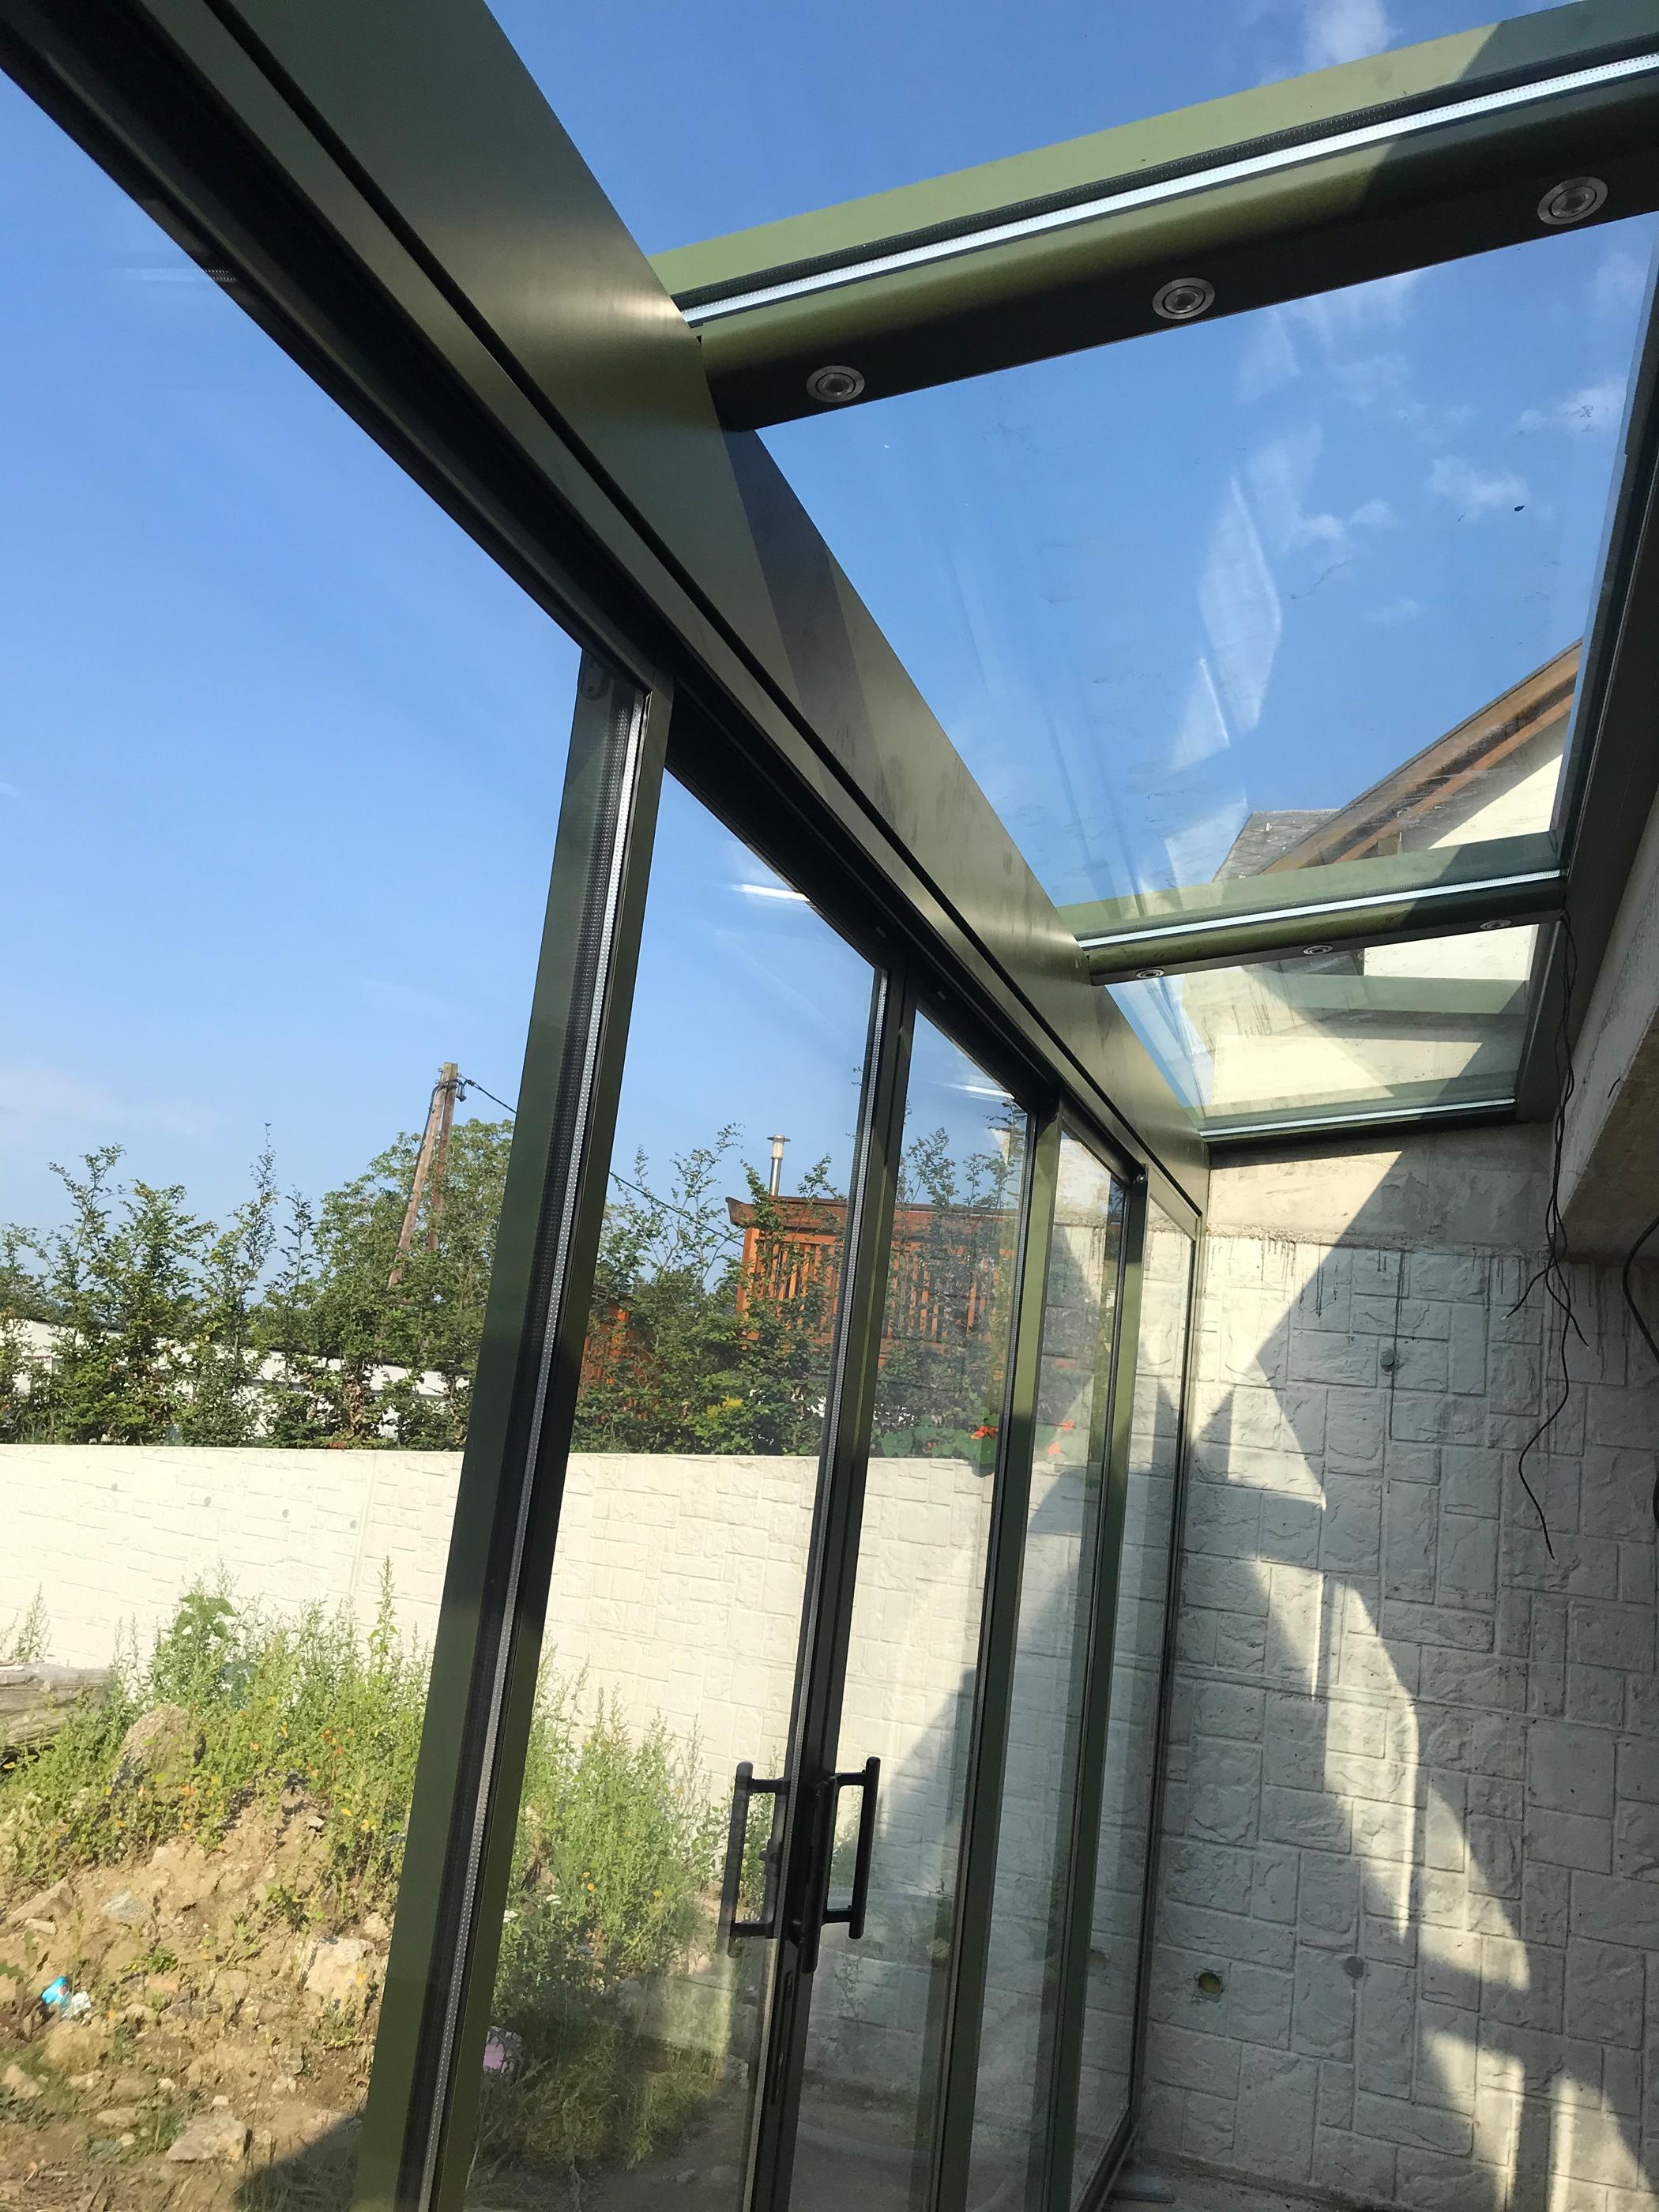 Wintergarten mit kleinem Glasdach und Schiebefront